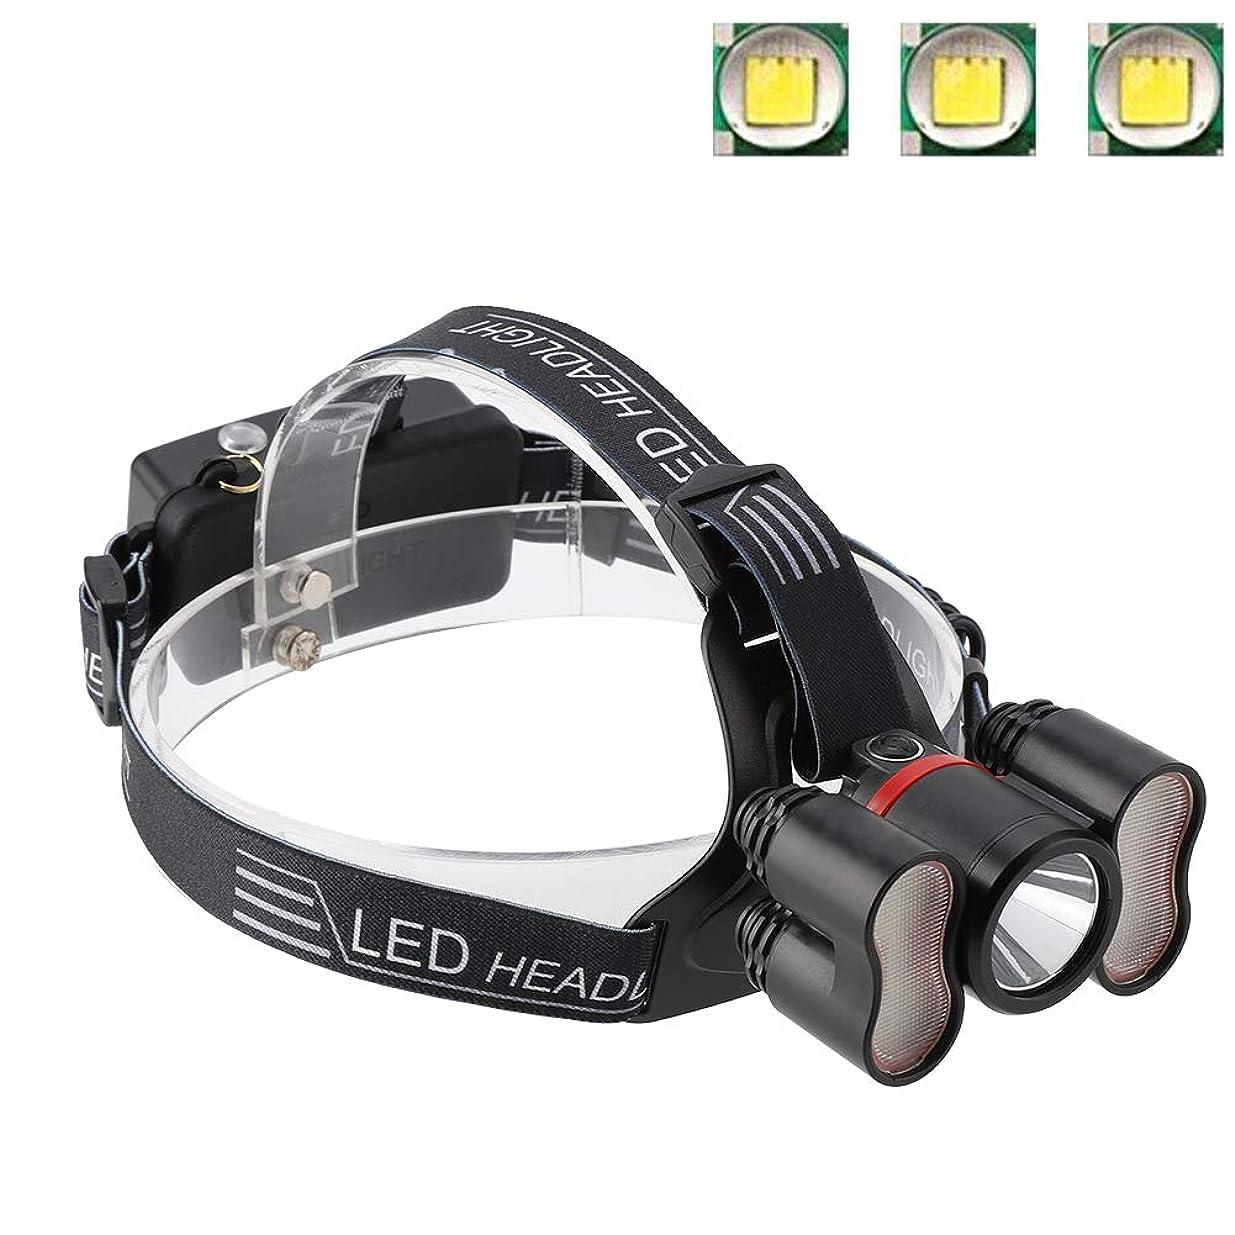 要求会社所持ヘッドライト懐中電灯、2000LMヘッドライト18650 LED USB充電式防水トラベルヘッドトーチキャンプランプランニングハイキング釣りに適して(#1)